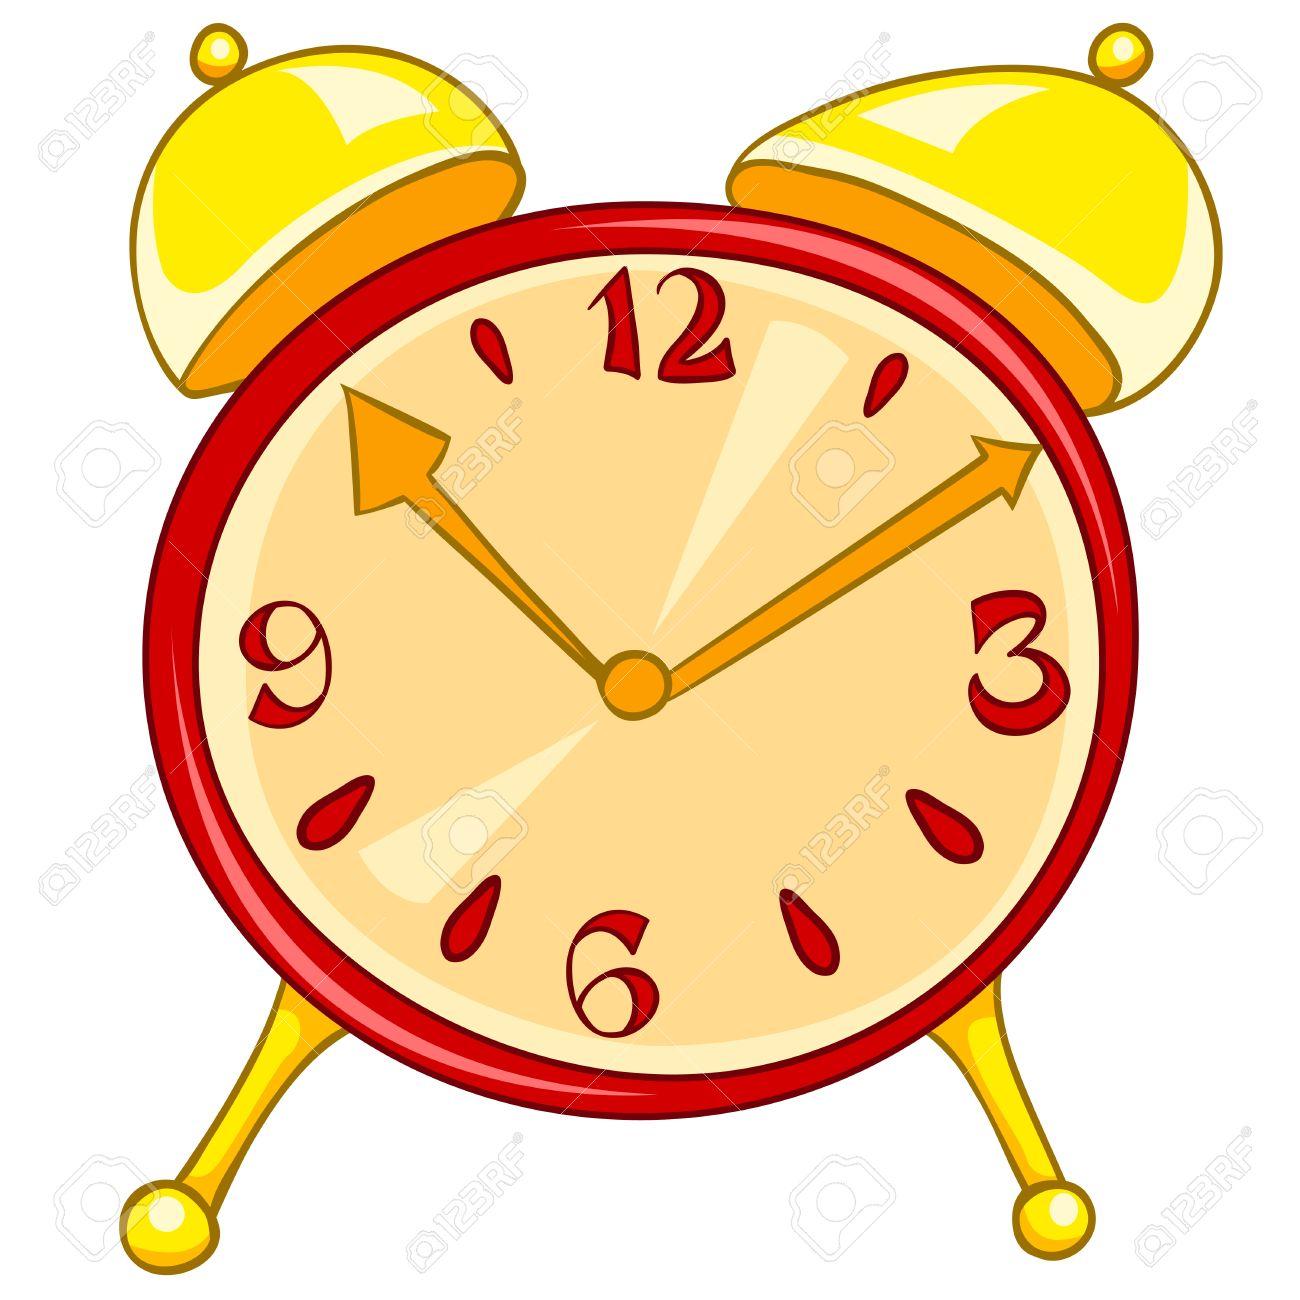 cartoon home clock royalty free cliparts vectors and stock rh 123rf com Clock Clip Art Quarter Past Analog Clock